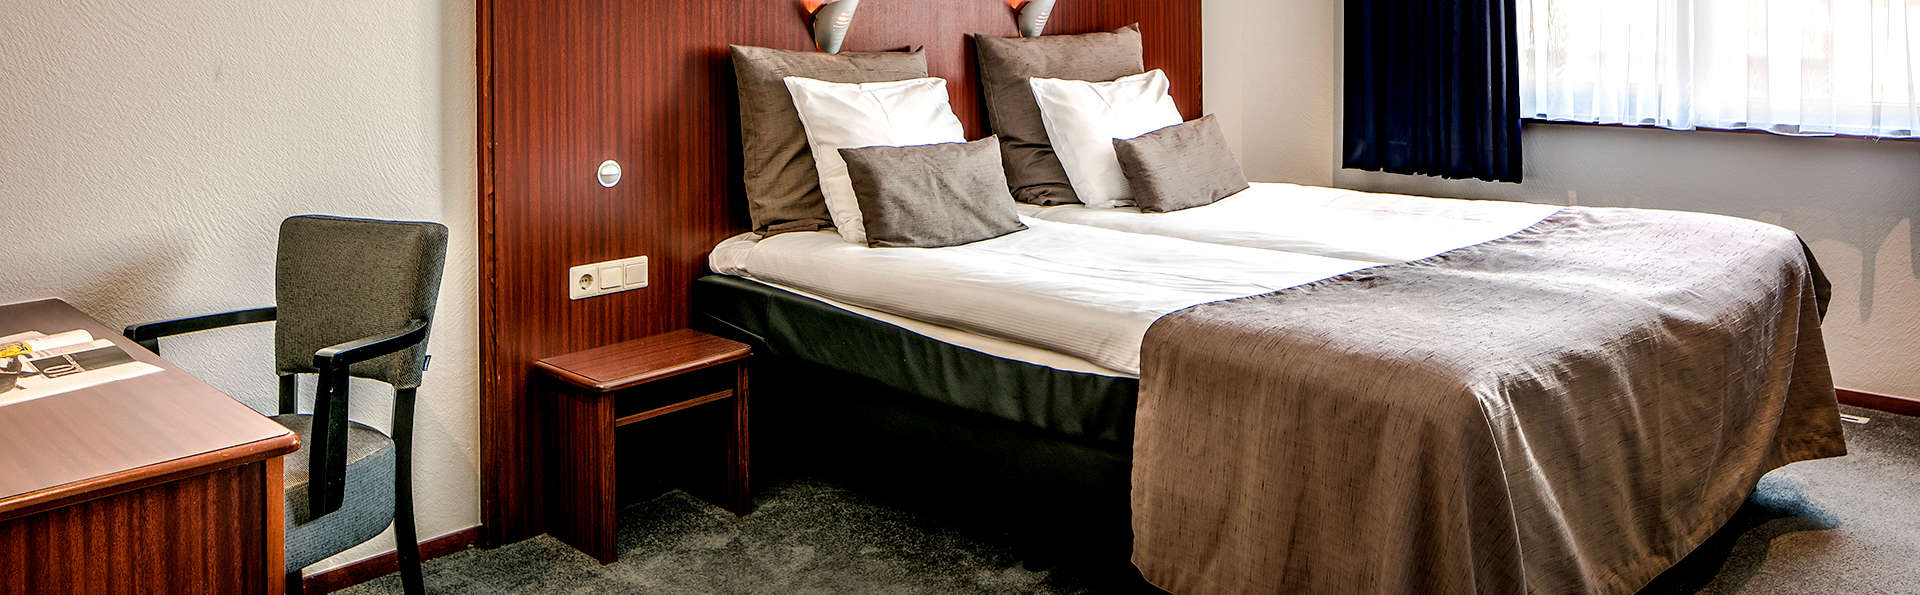 City Resort Hotel Mill - EDIT_NEW2_ROOM3.jpg